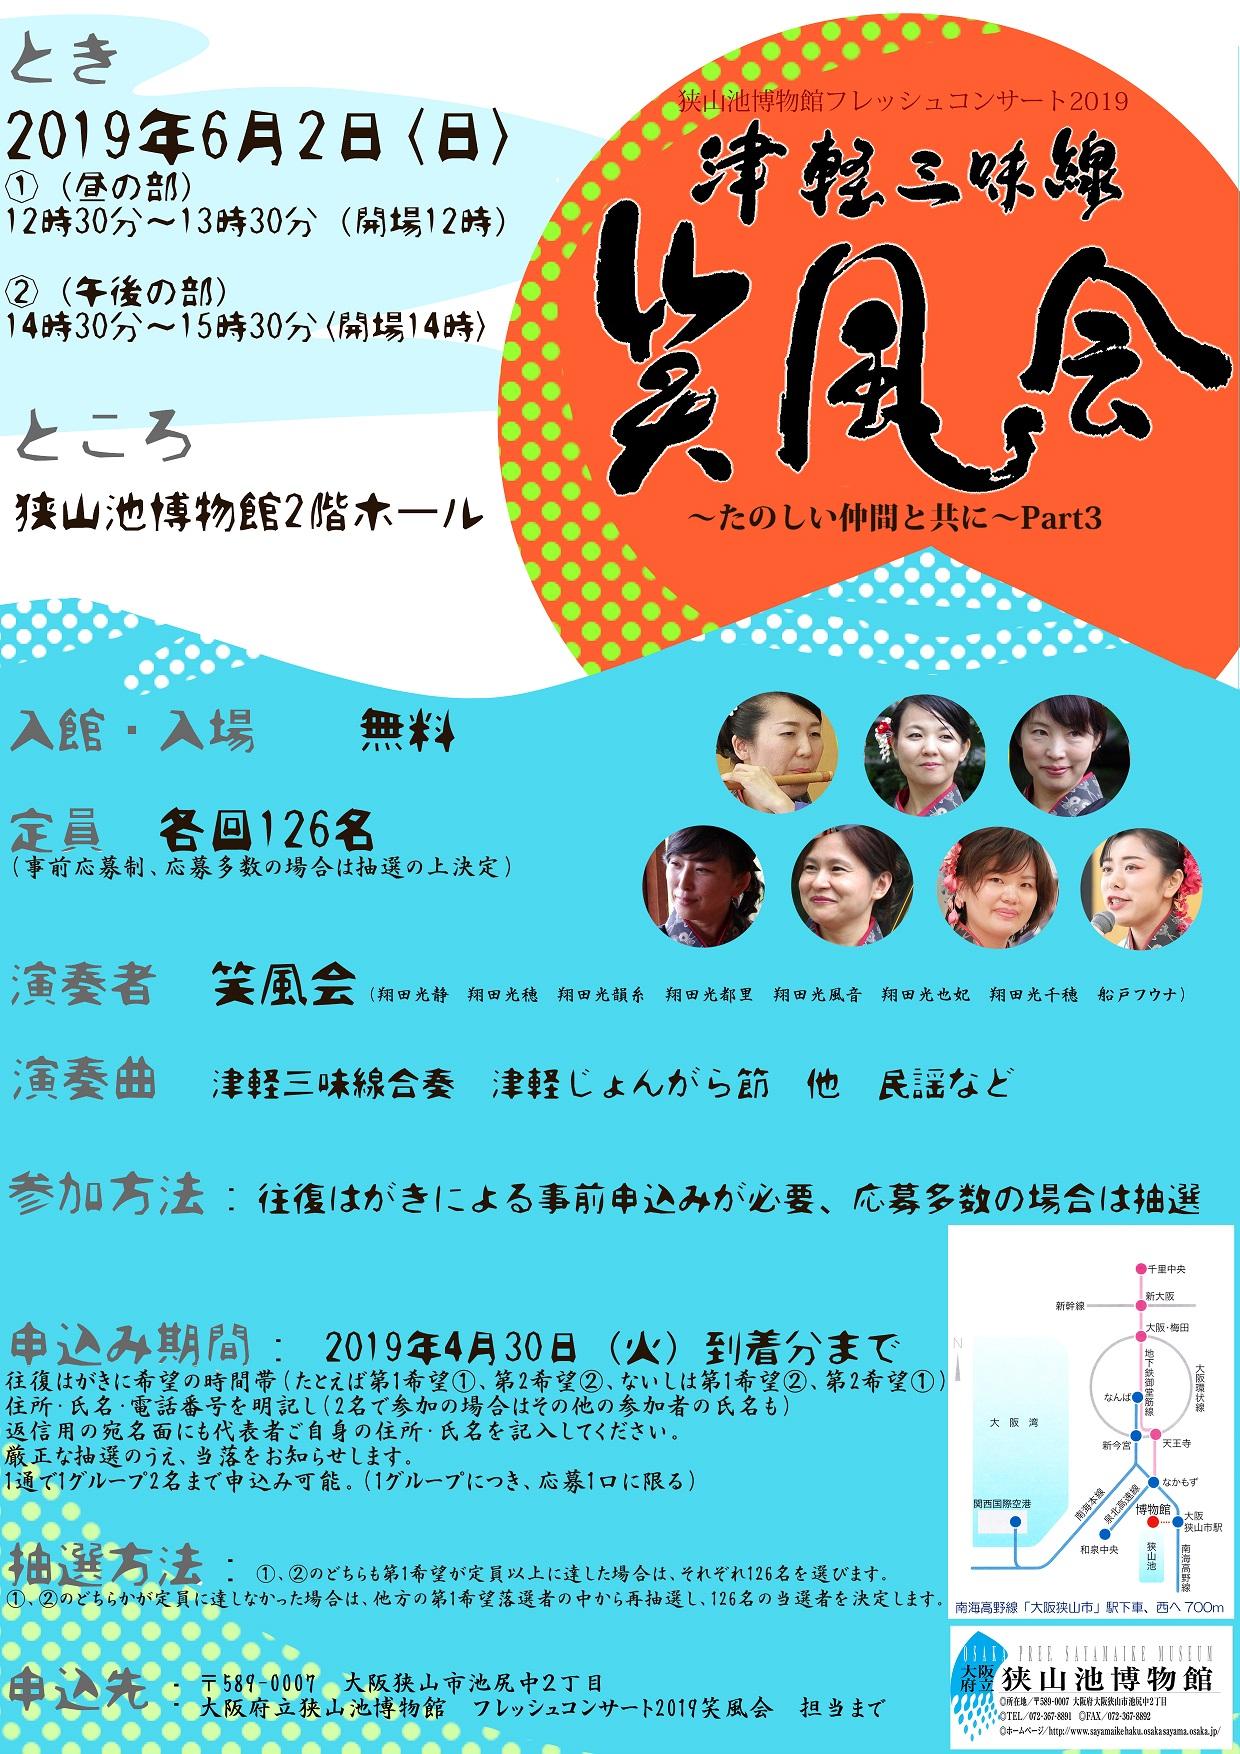 津軽三味線 笑風会 狭山池博物館フレッシュコンサート2019